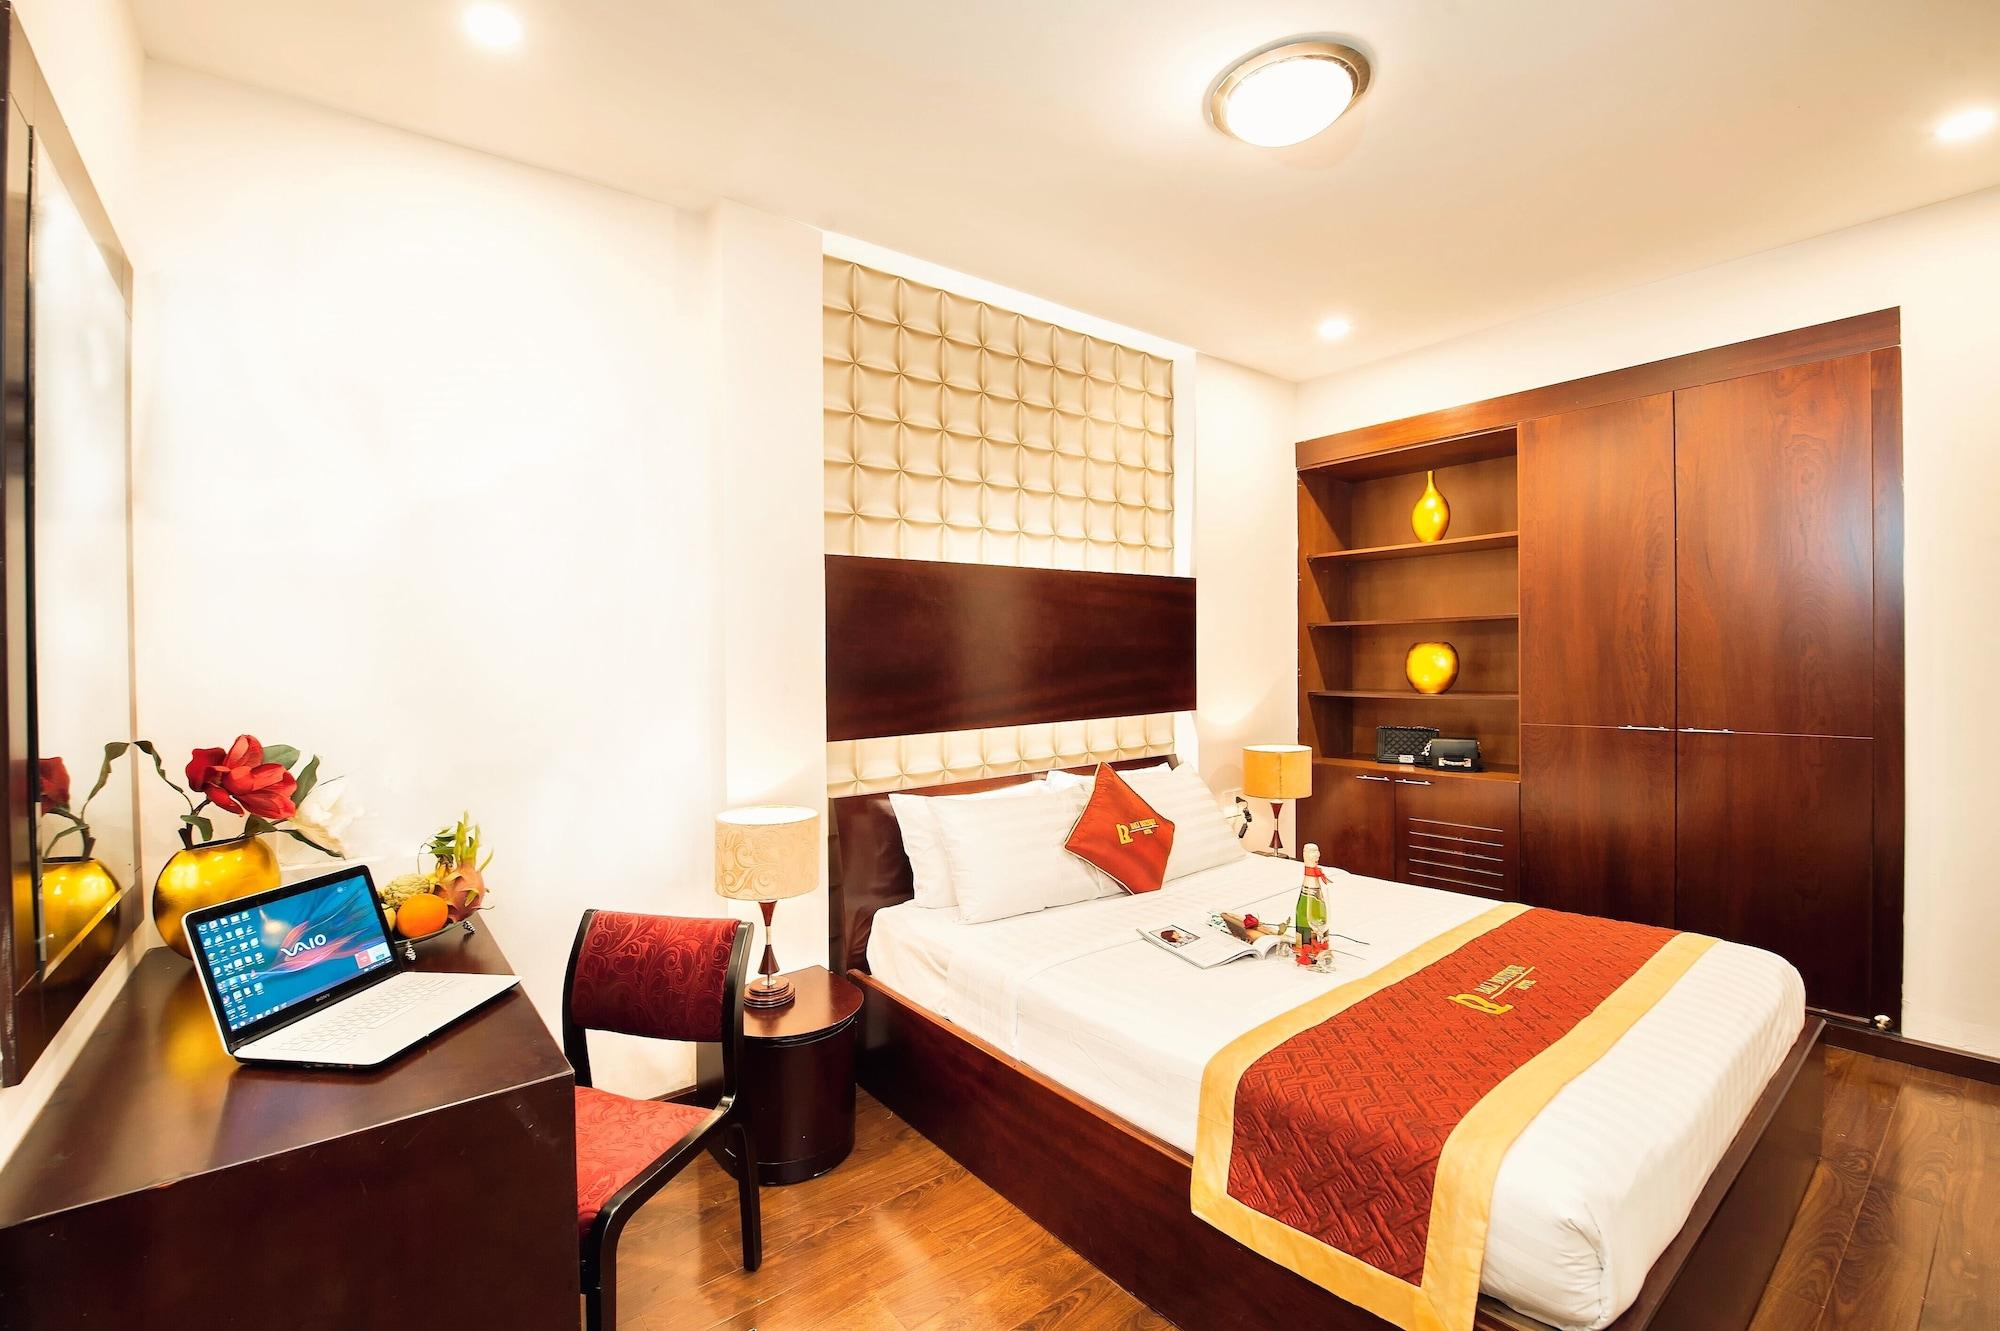 Bali Boutique Ben Thanh Hotel, Quận 1